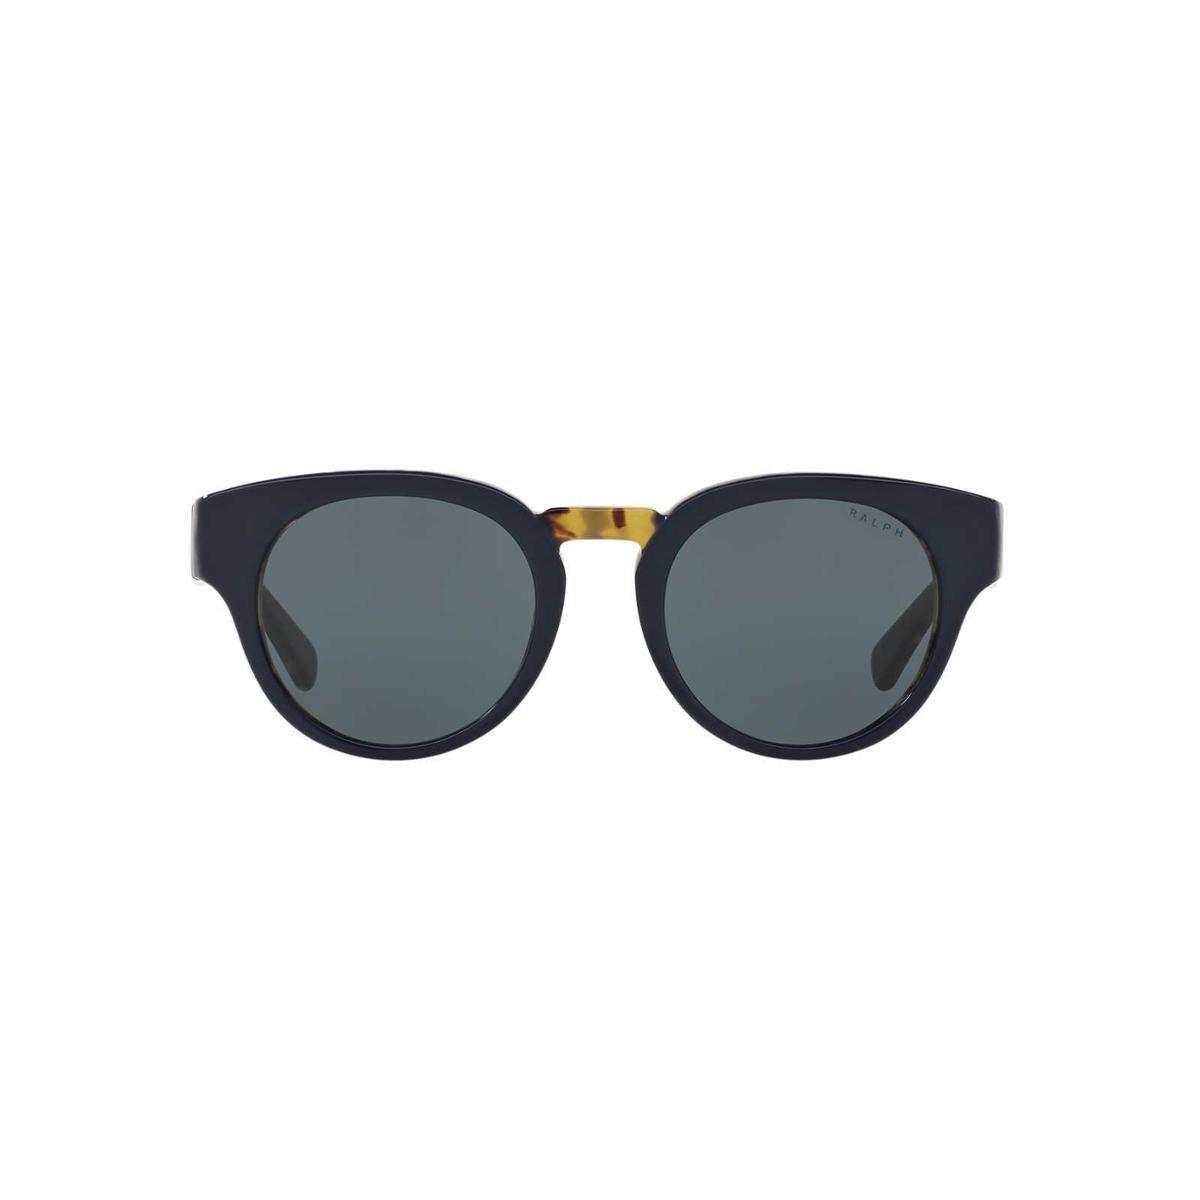 Óculos de Sol Vogue Redondo RA5227 Feminino - Compre Agora   Zattini 4e5cb2d632